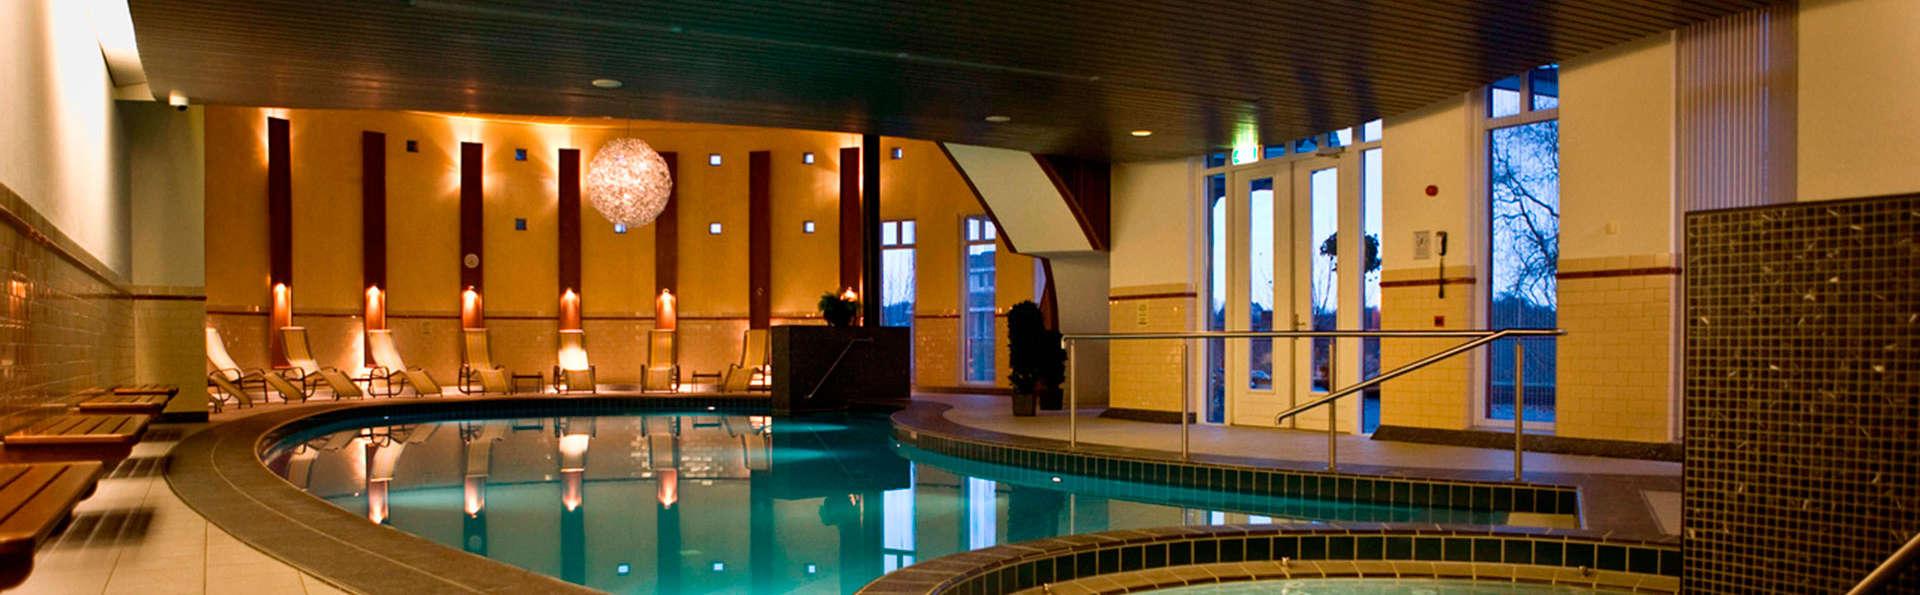 Spécial Automne : profitez du wellness et du luxe dans la charmante région de Valkenburg (2 nuits)